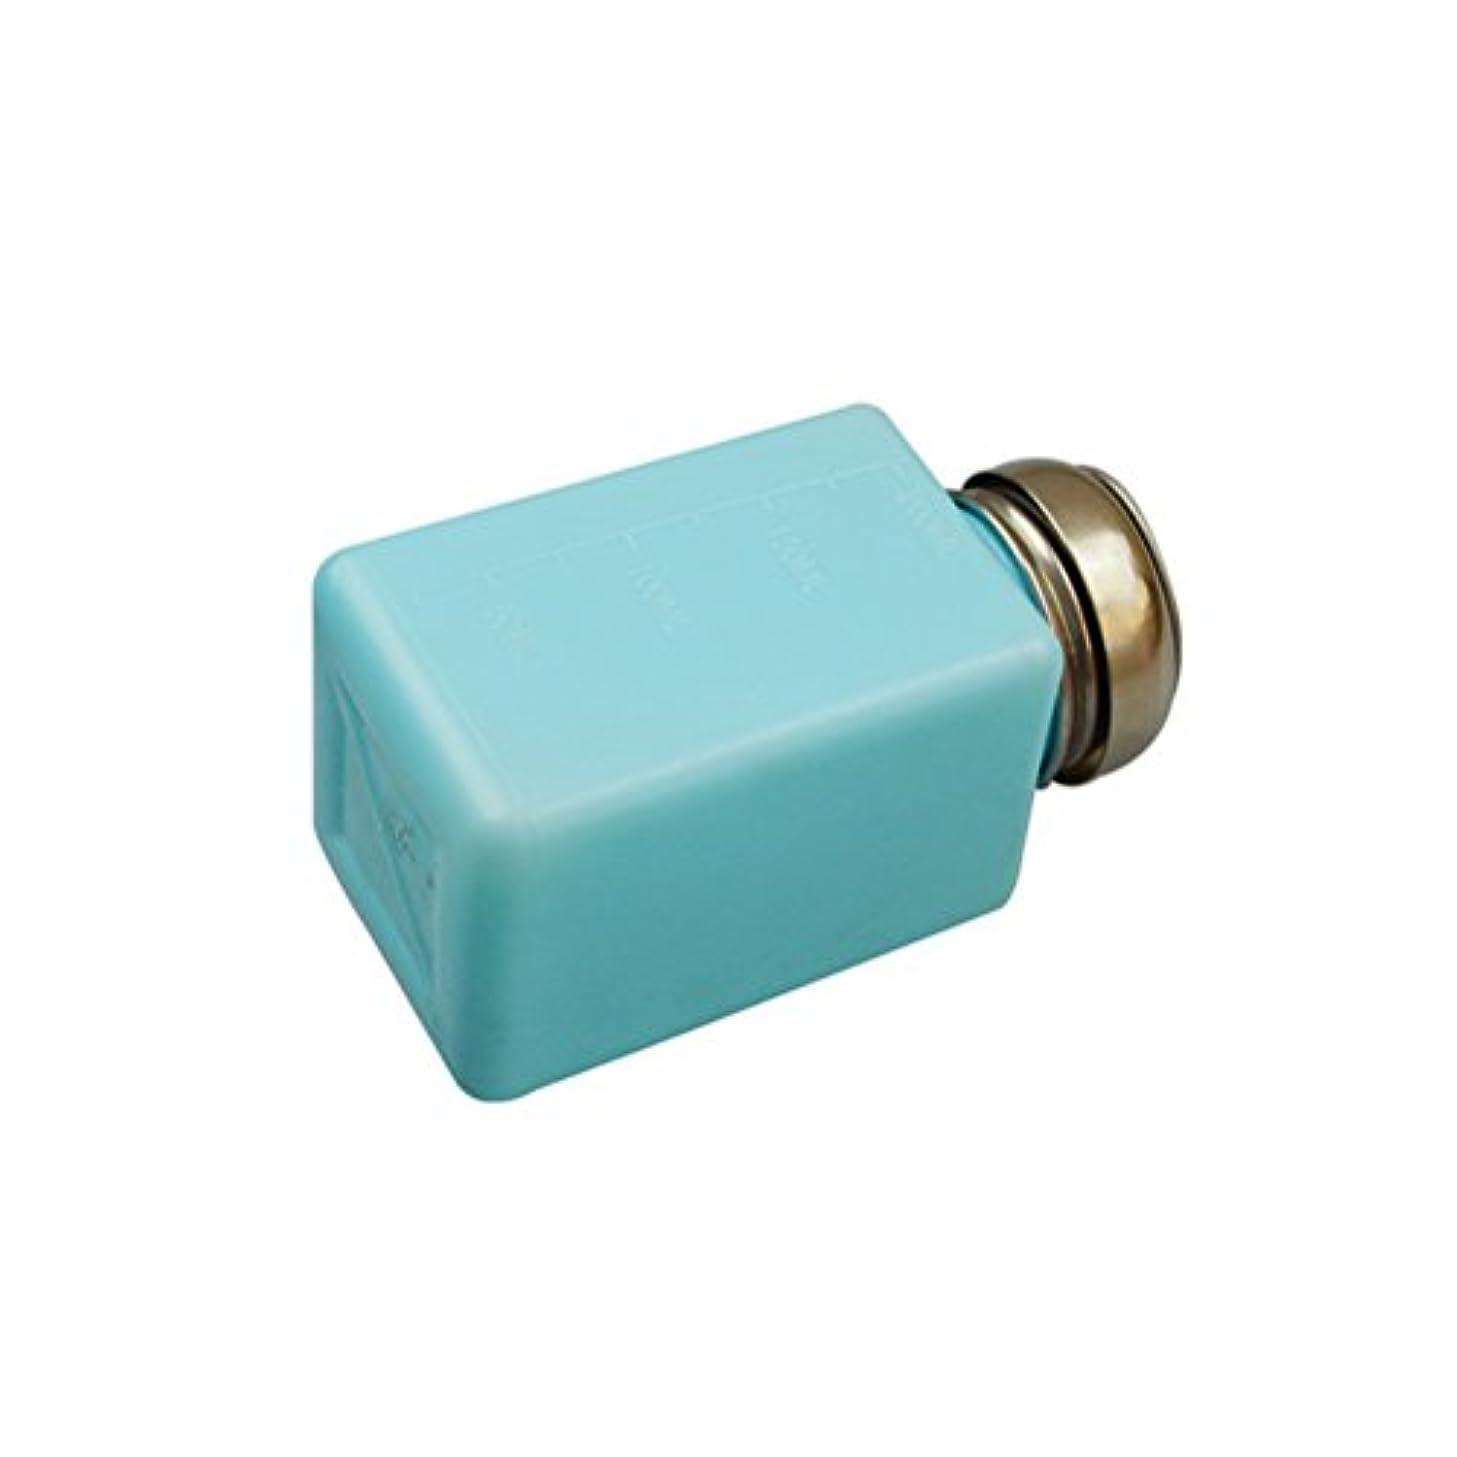 同種のの間で法令BESTOMZ アルコールボトル 便利 クレンジングオイル 小分け容器 静電防止 200ML(青)